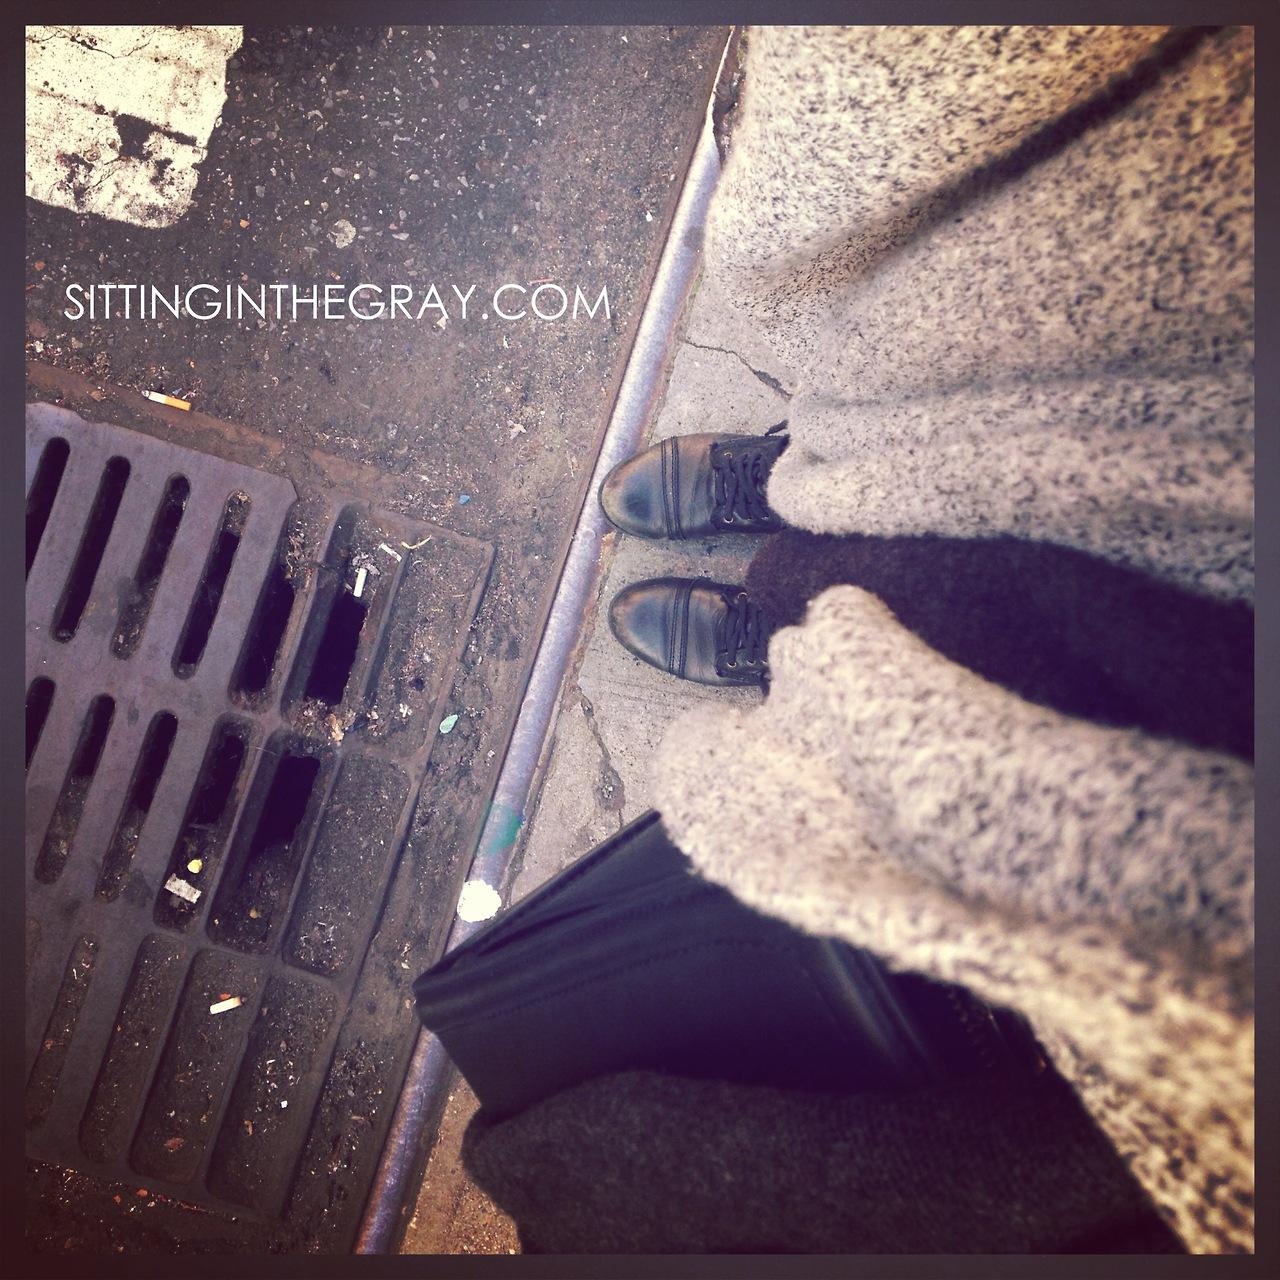 www.sittinginthegray.com